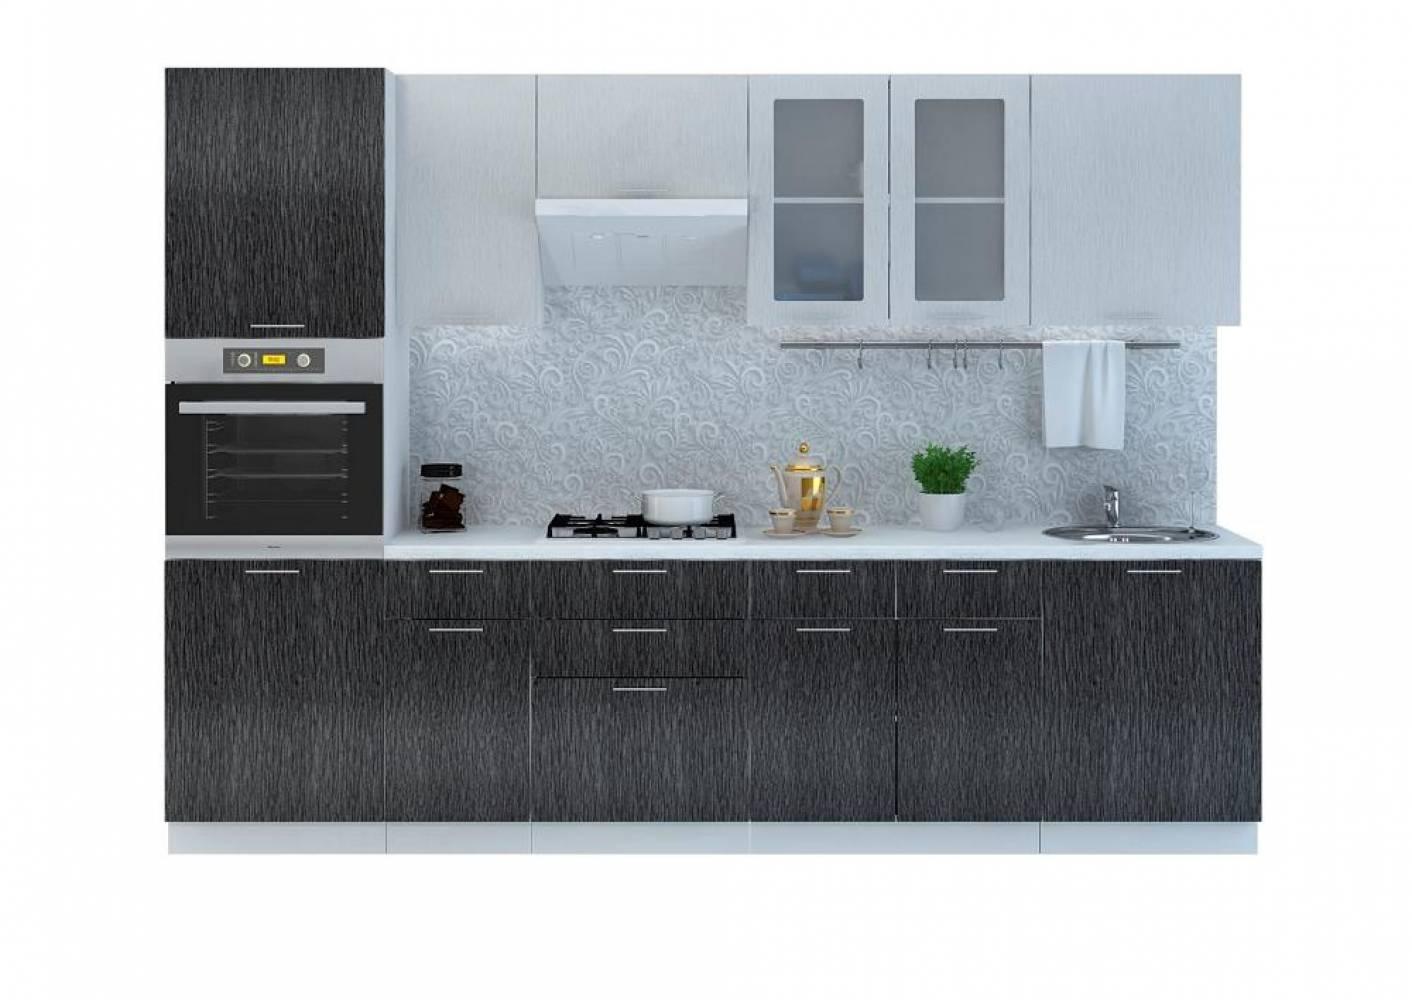 Кухня ВАЛЕРИЯ 2 (Гранатовый металлик) (5 цветов фасадов) Сурская мебель